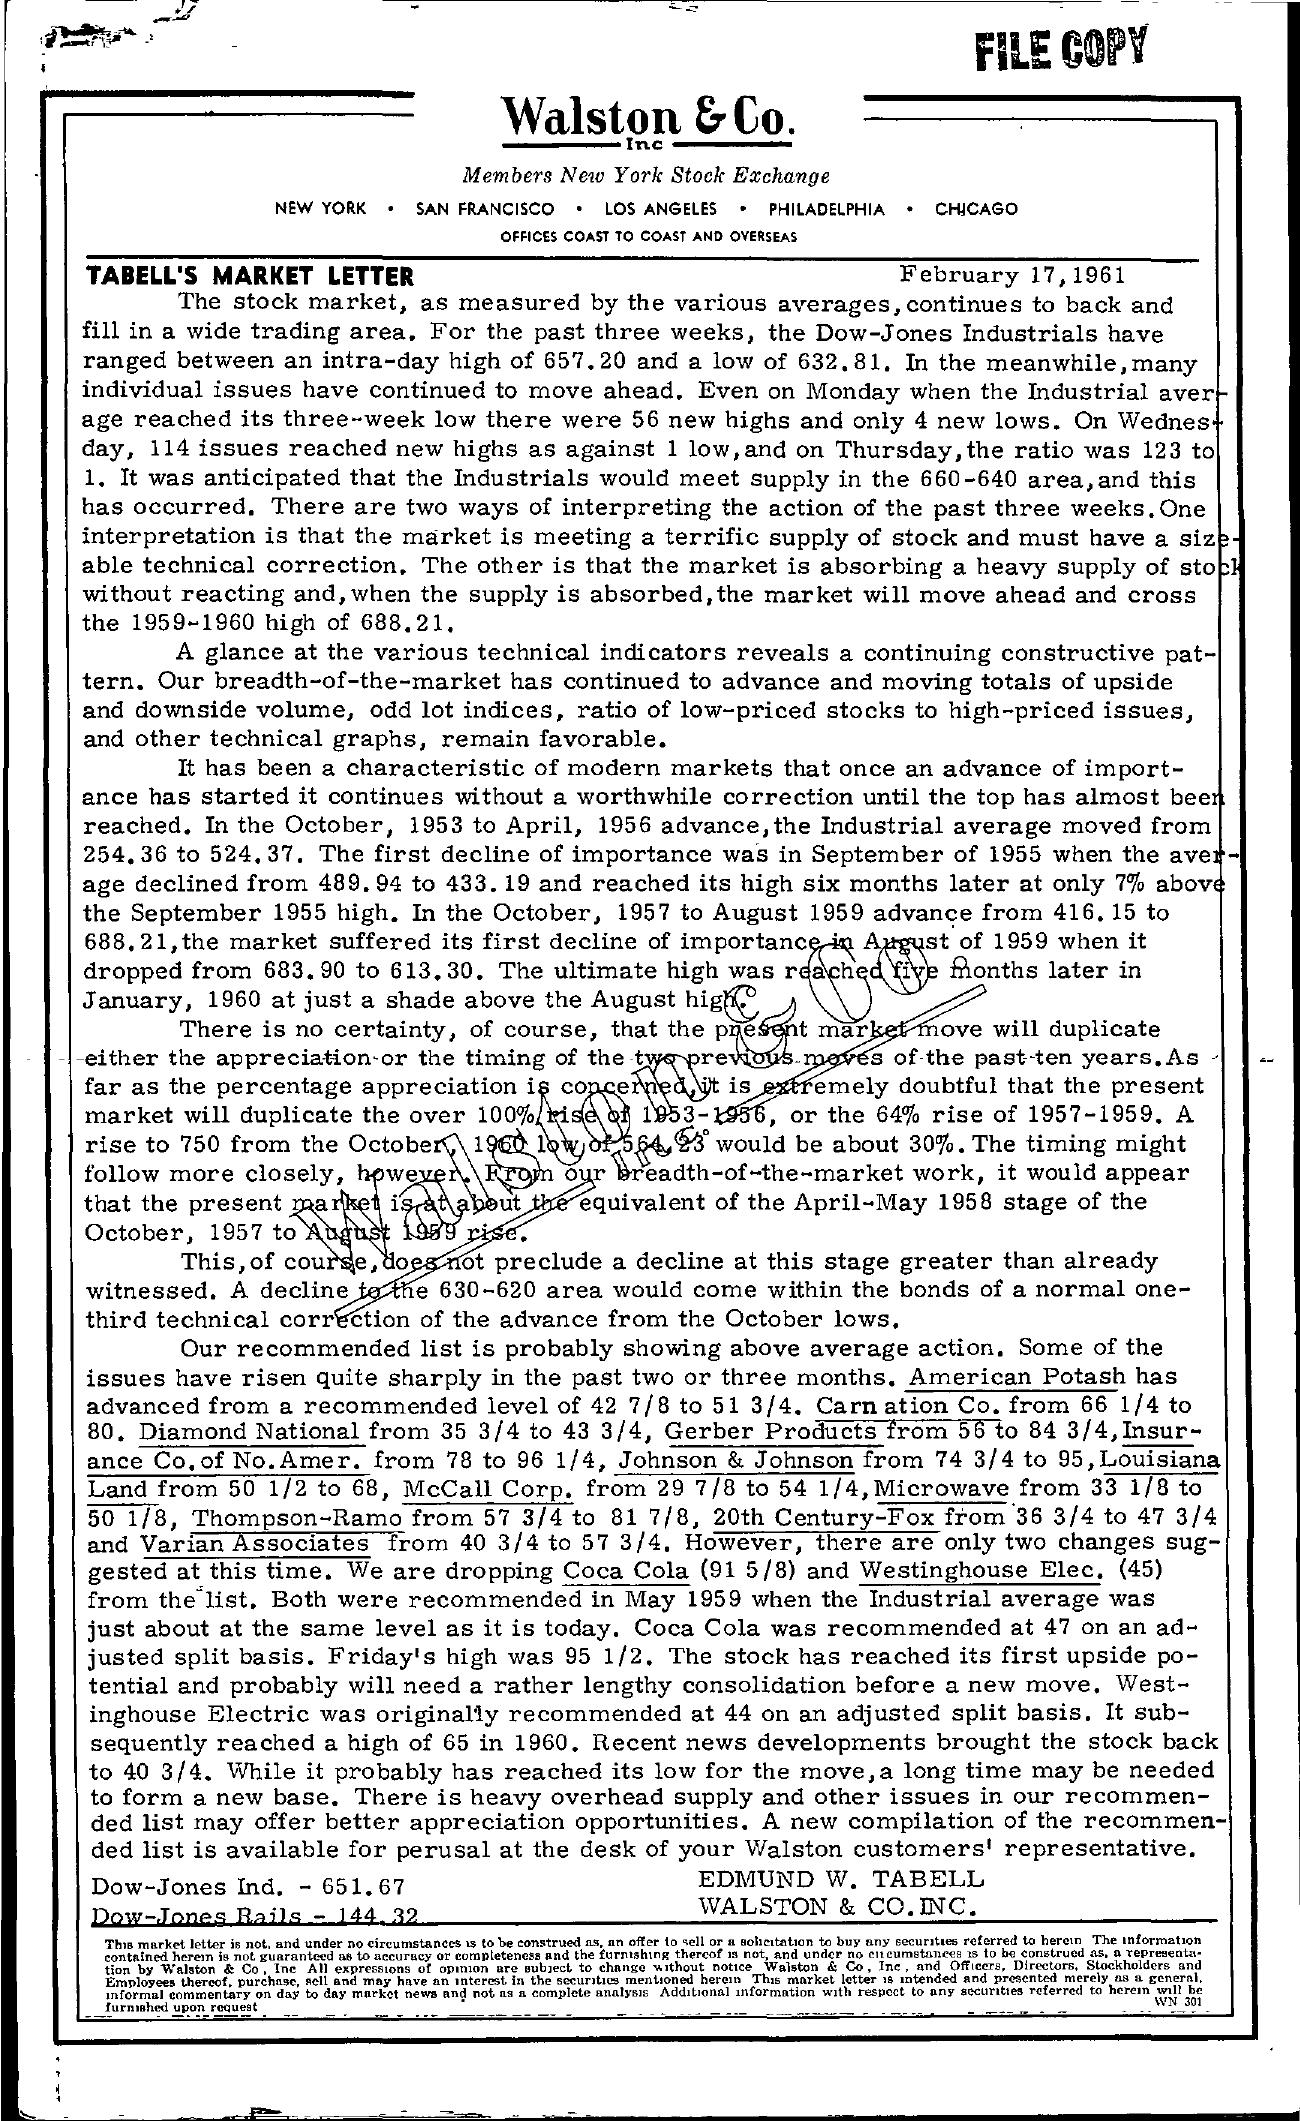 Tabell's Market Letter - February 17, 1961